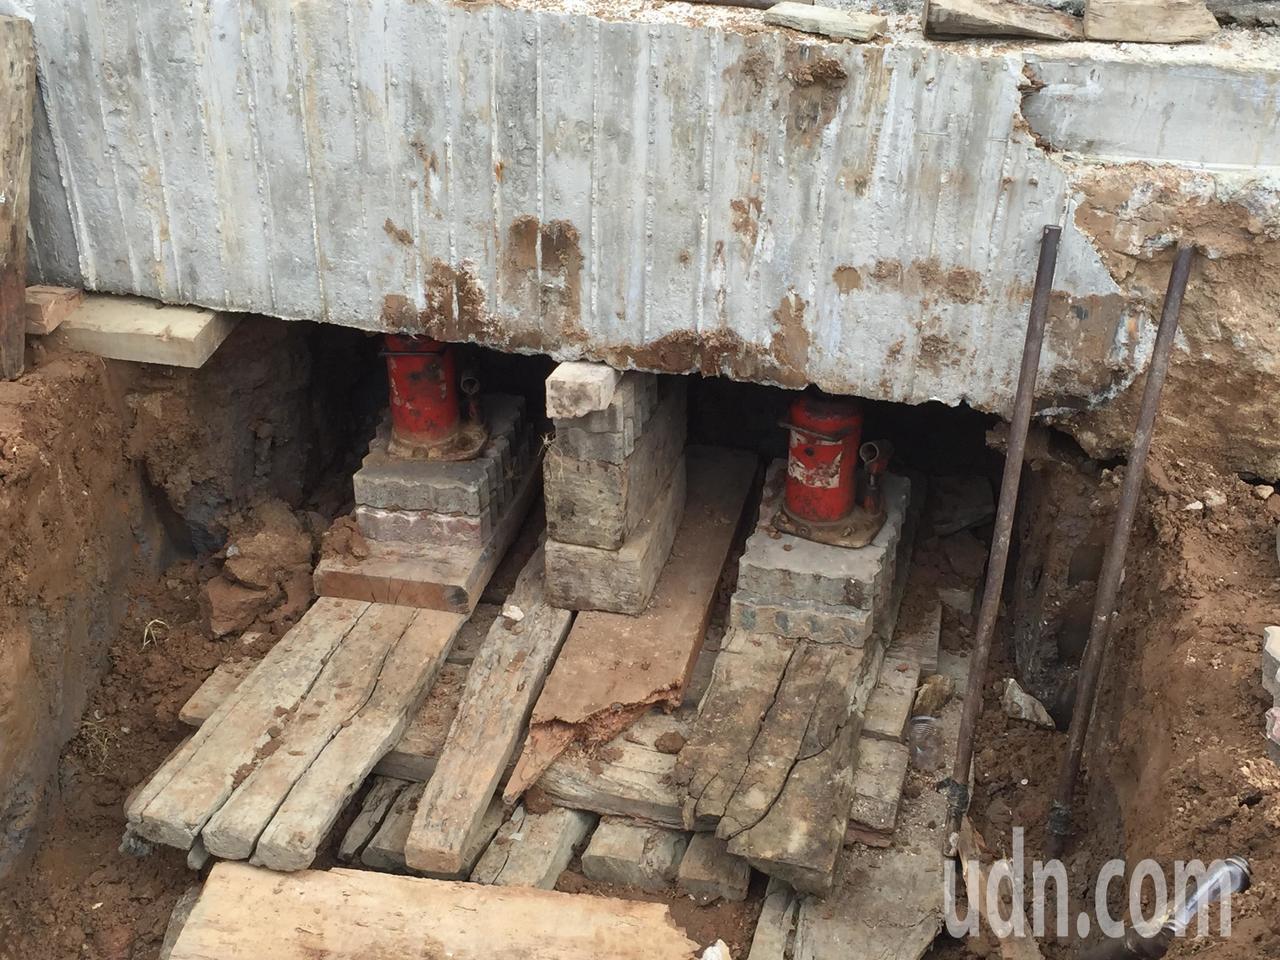 東林佛祖廟的地基整個加固、抬高,工程繁瑣。記者蔡家蓁/攝影